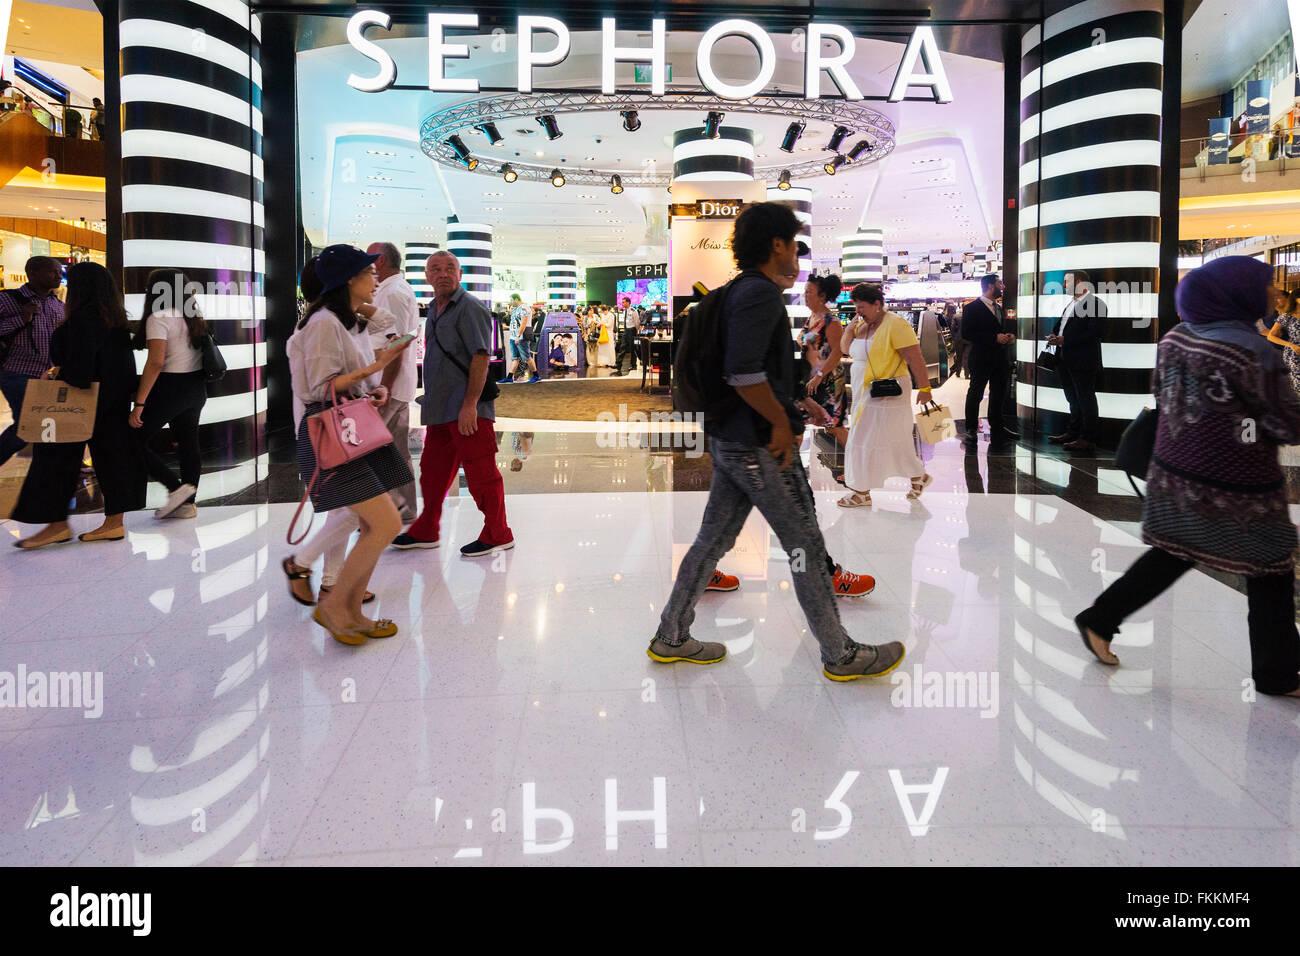 Sephora Kosmetik-Shop in Dubai Mall Dubai Vereinigte Arabische Emirate Stockbild